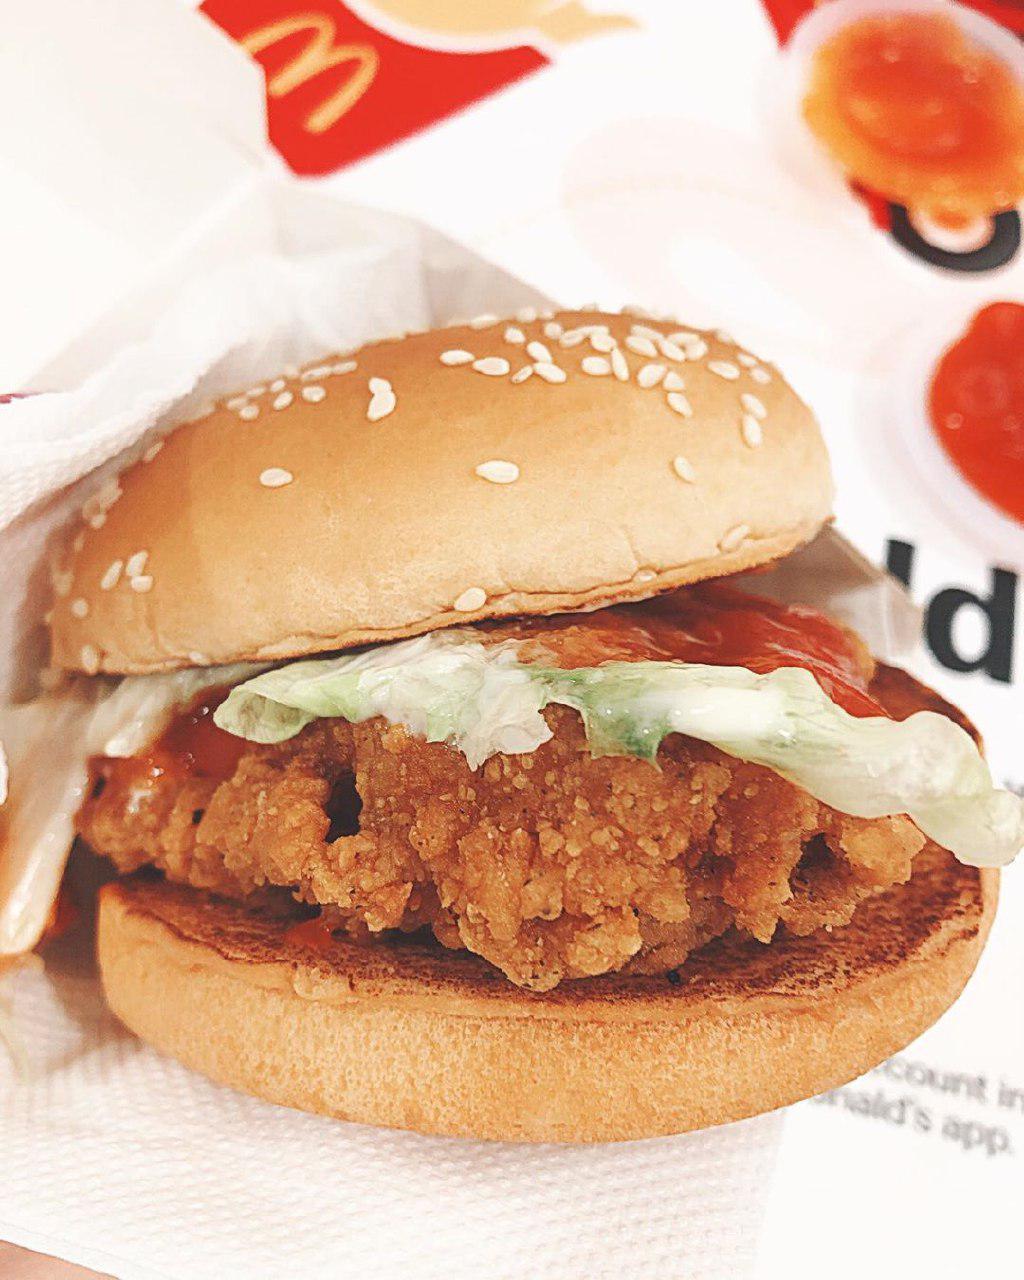 McSpicy Burger